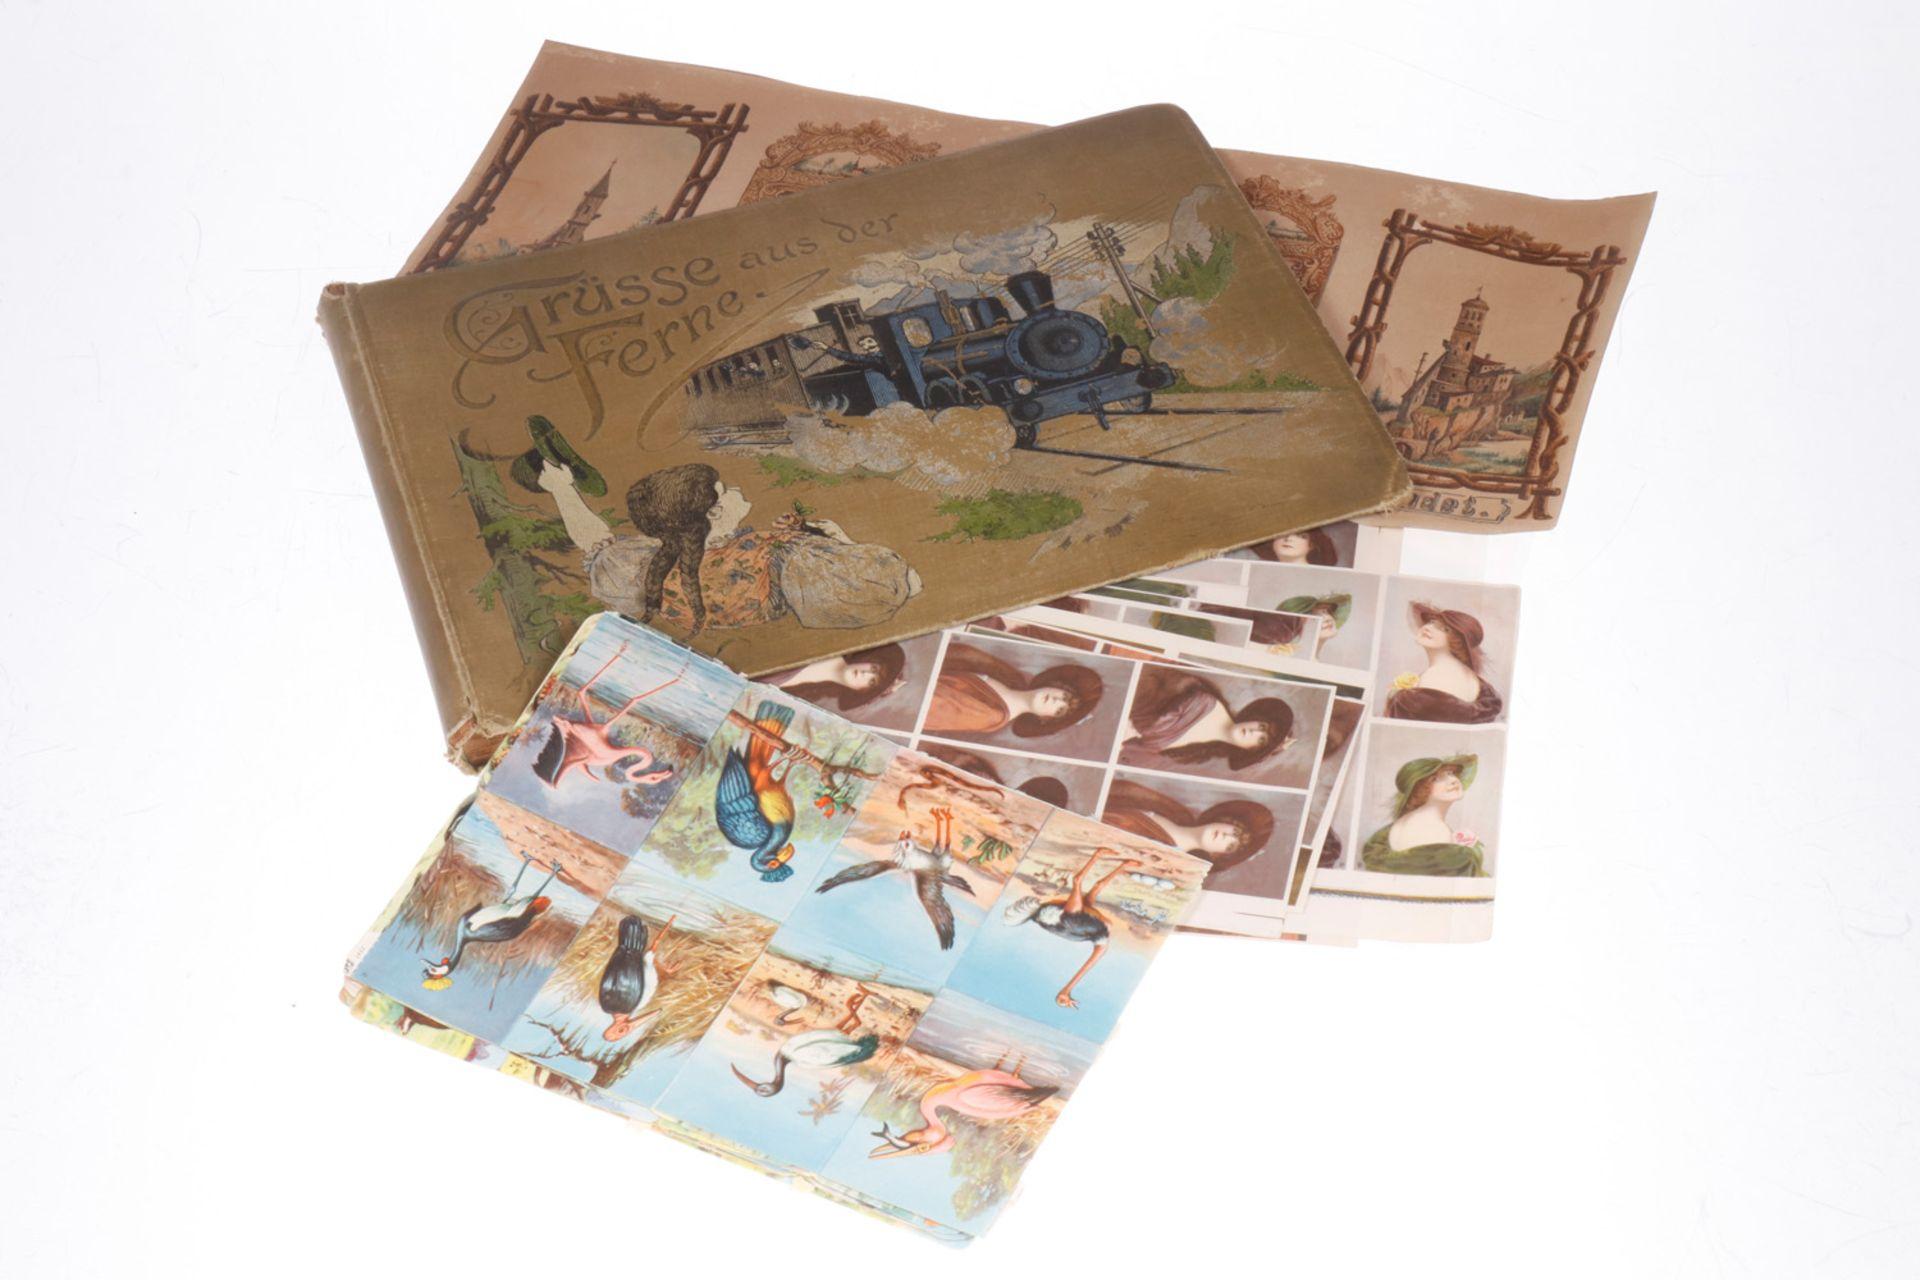 Postkartenalbum, ohne Postkarten, dazu verschiedene Bildkärtchen, Tiere, Autos, Portraits, um 1900